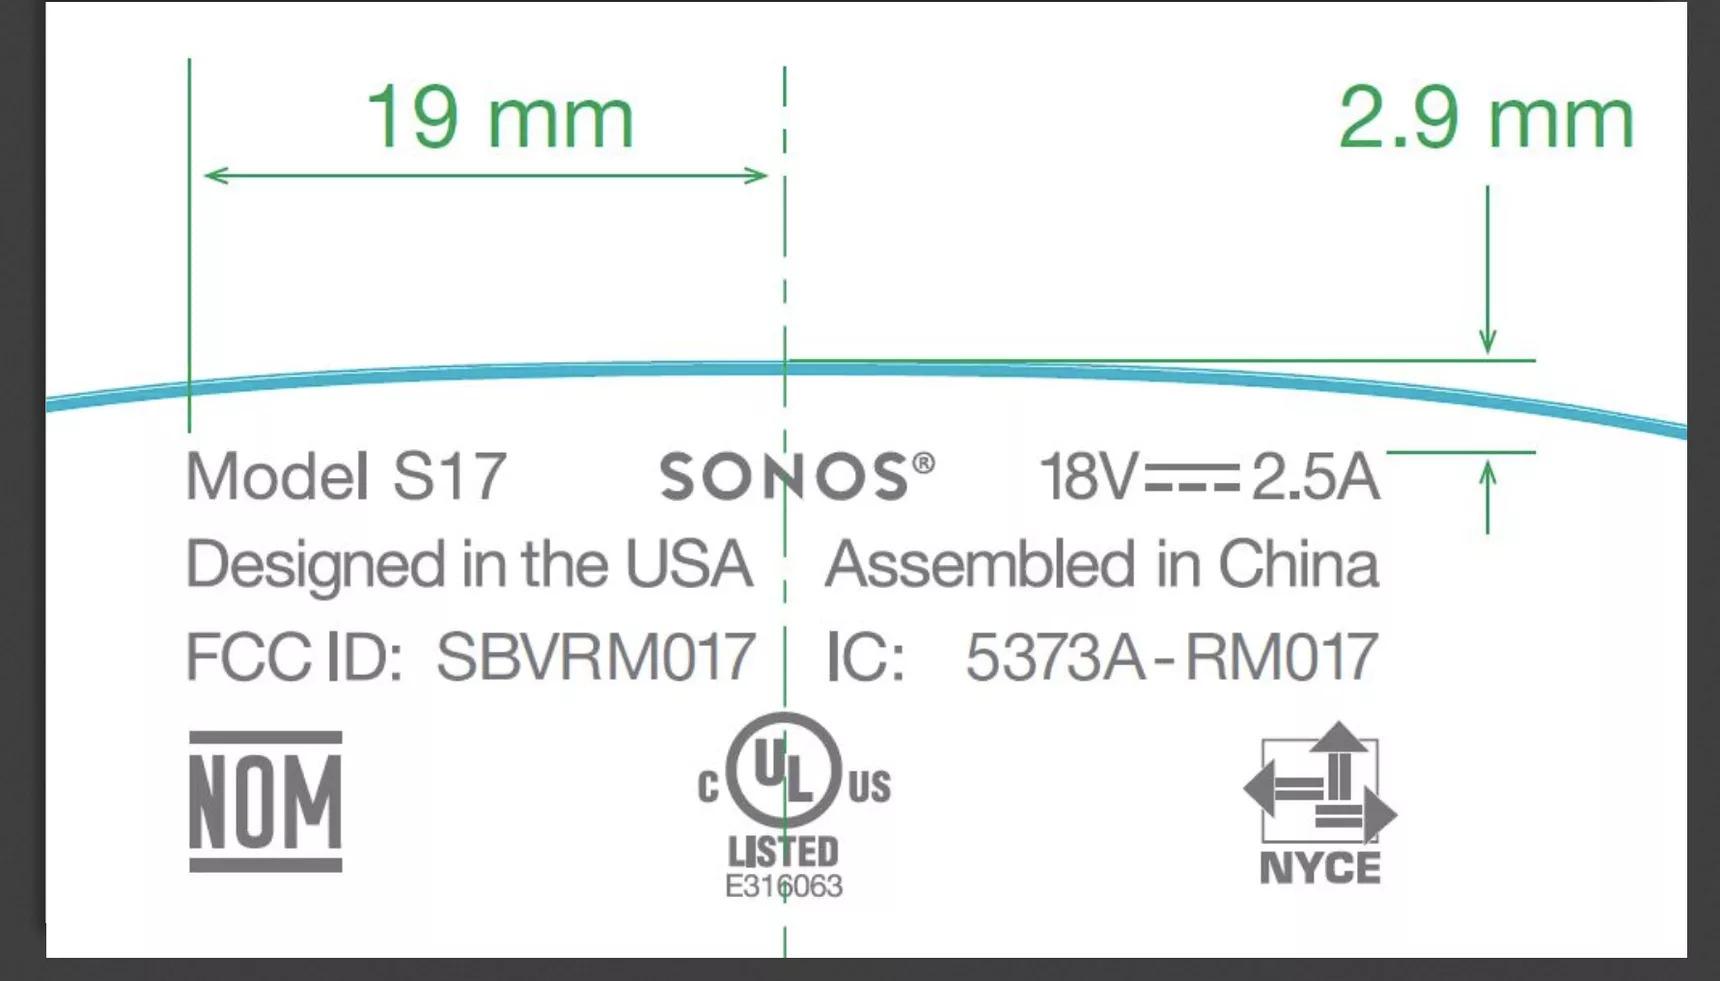 Sonos Model S17 speaker